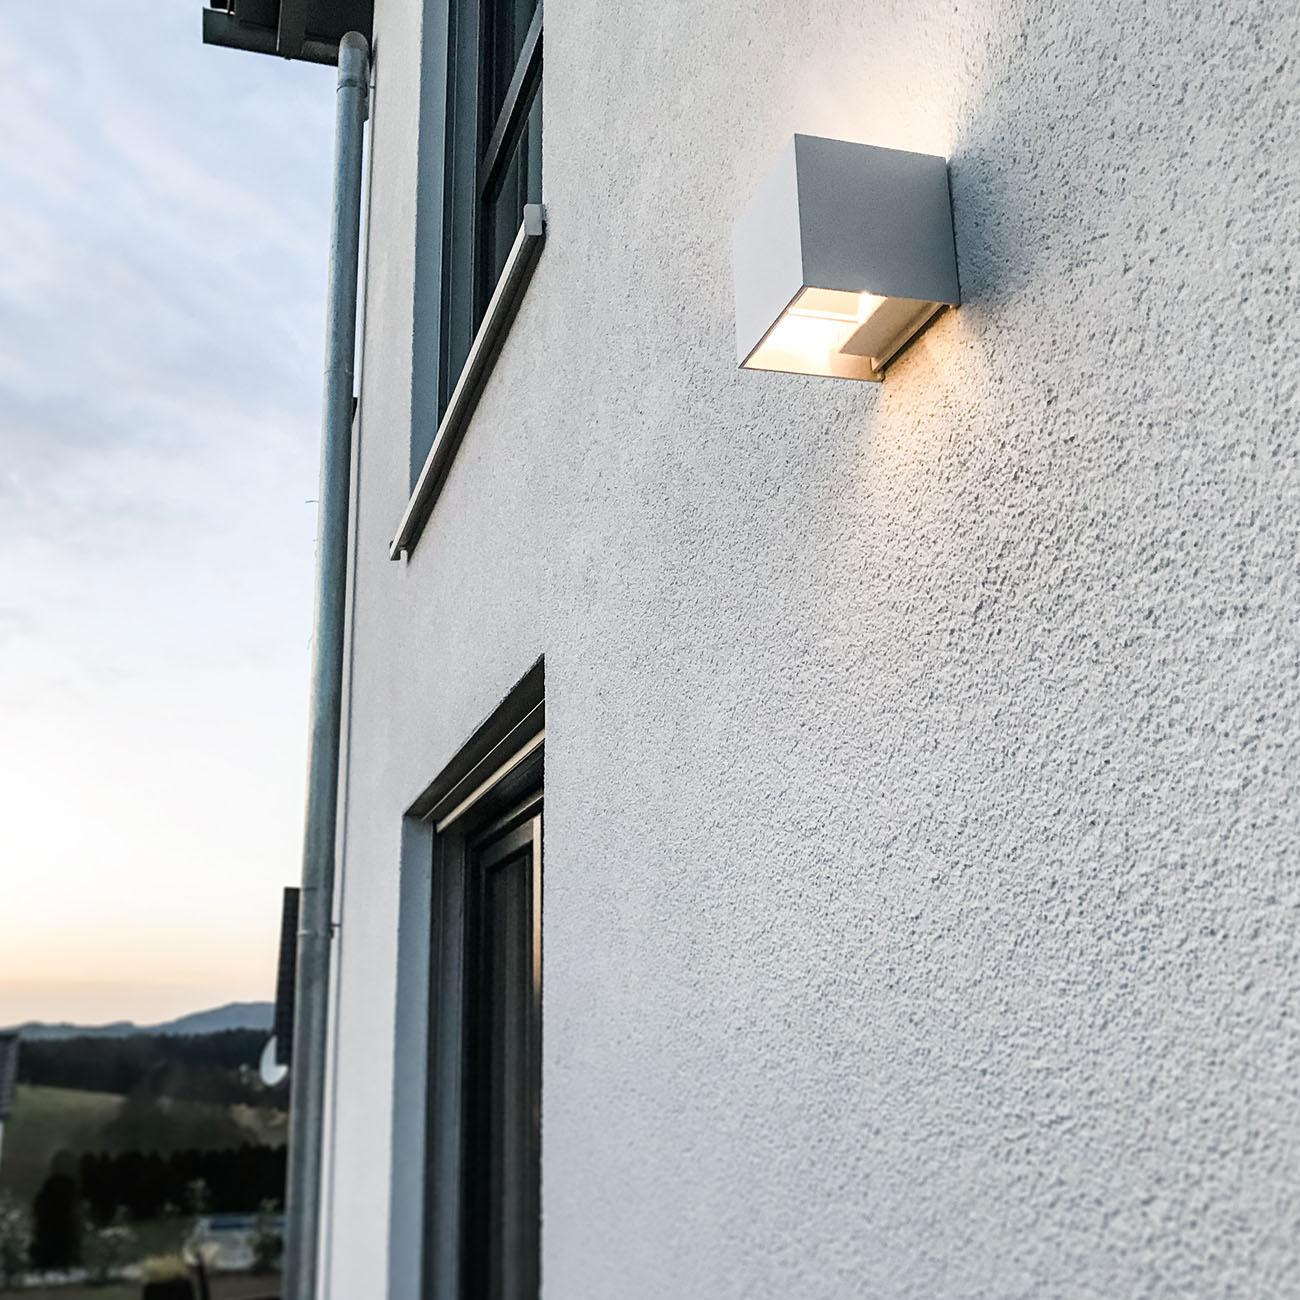 LED Wandleuchte Wandspot für Innen und Außen IP44 - 4